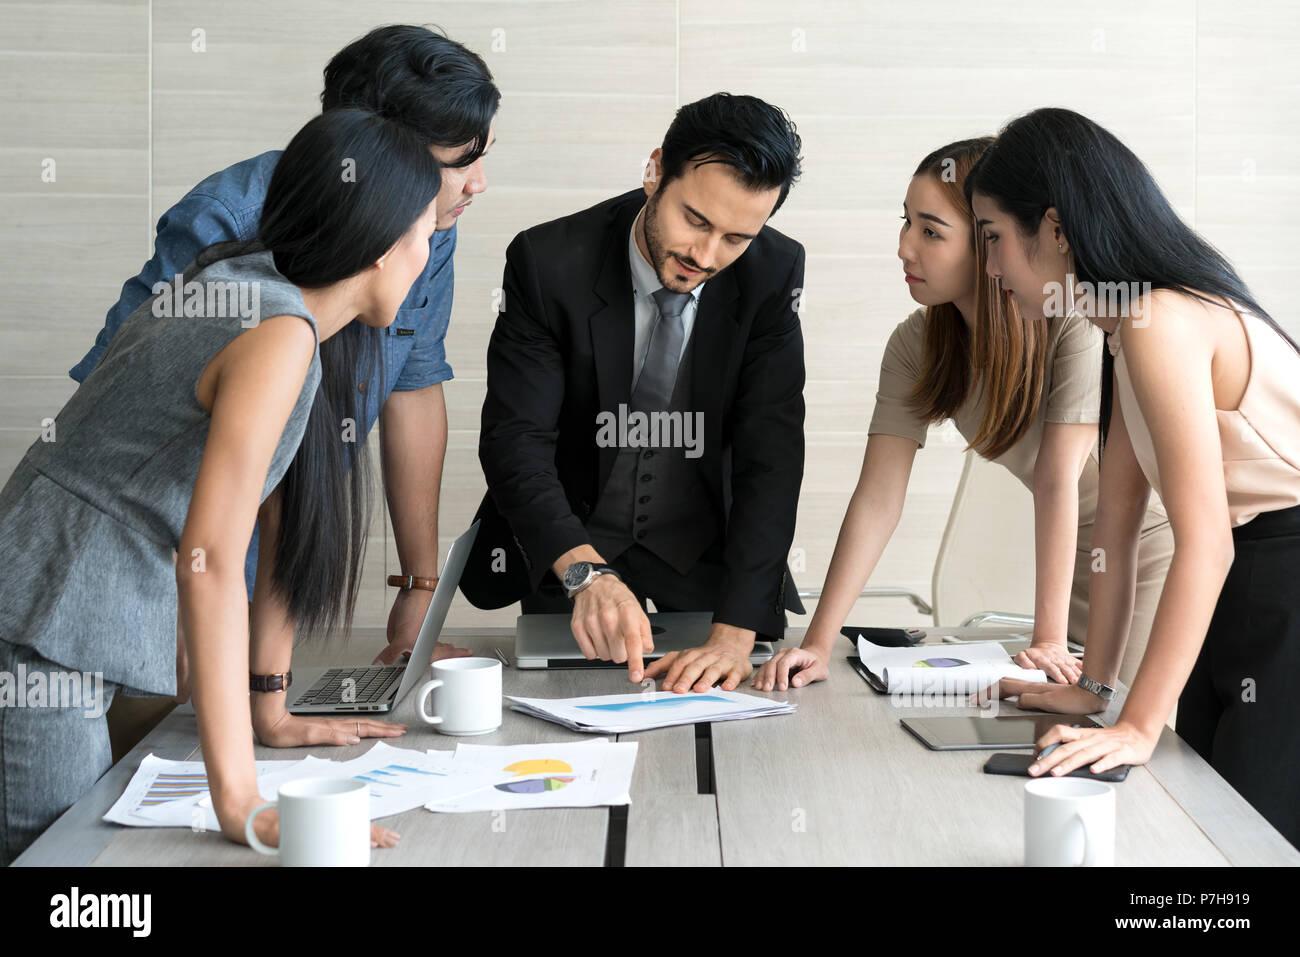 Smart manager explicando la reunión interna a su equipo de proyectos en la oficina moderna. La persona de negocios grupo multiétnico en traje. Proyecto y empresa c Foto de stock